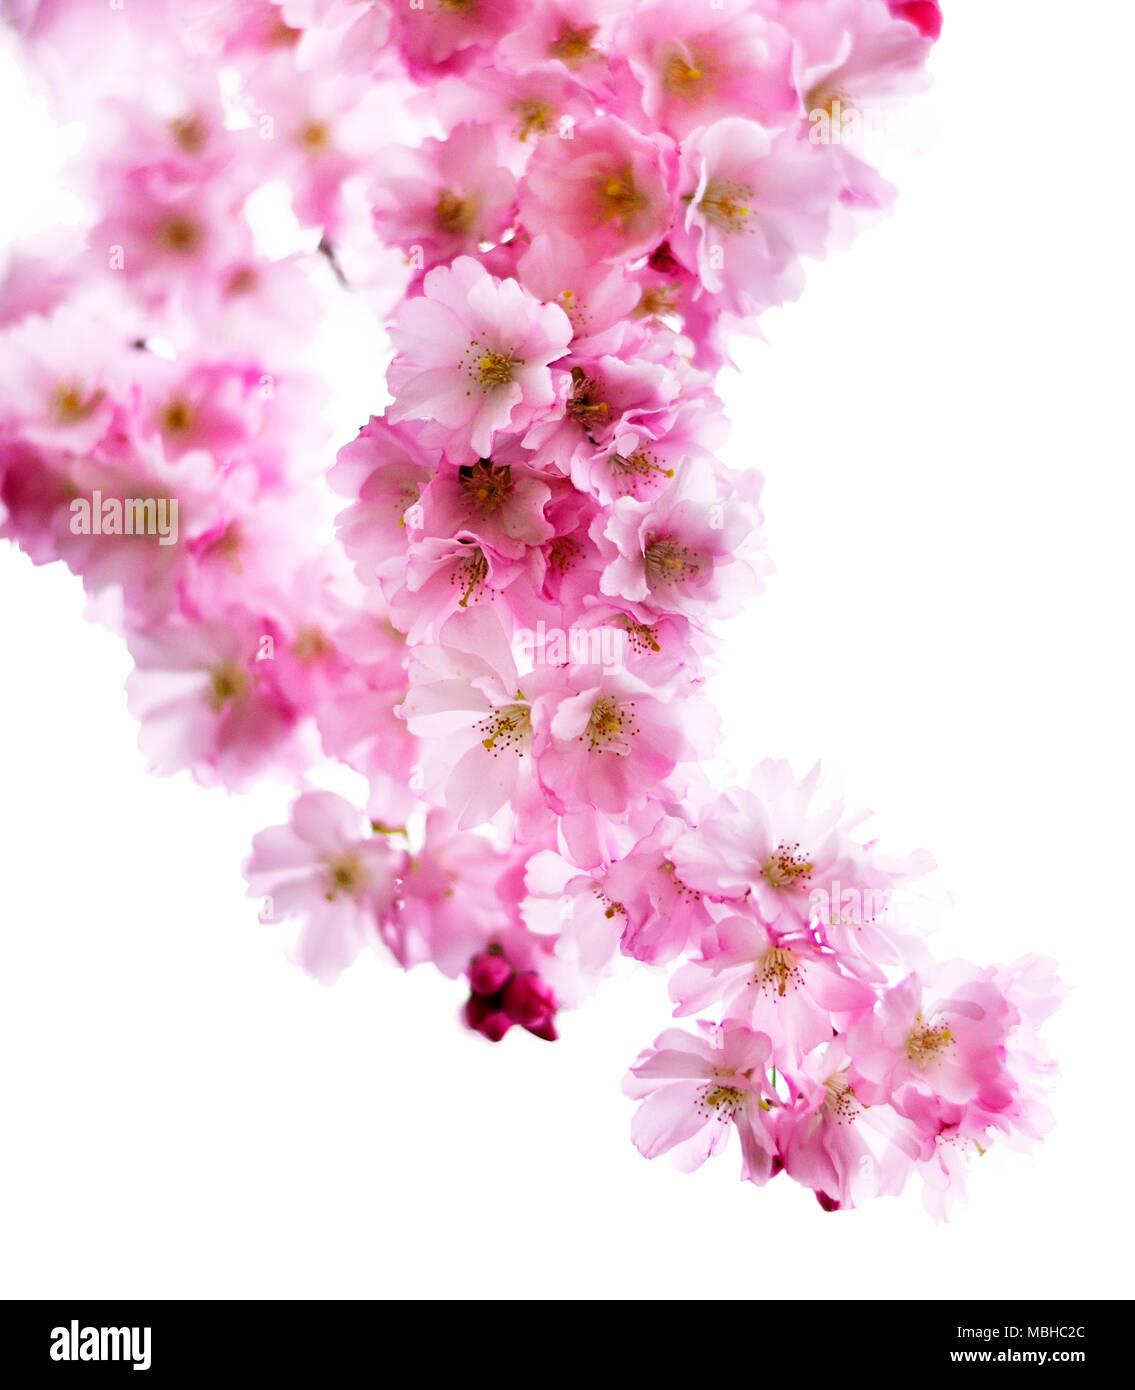 Fiore Di Ciliegio Ramo Isolati Su Sfondo Bianco Romantica Rosa